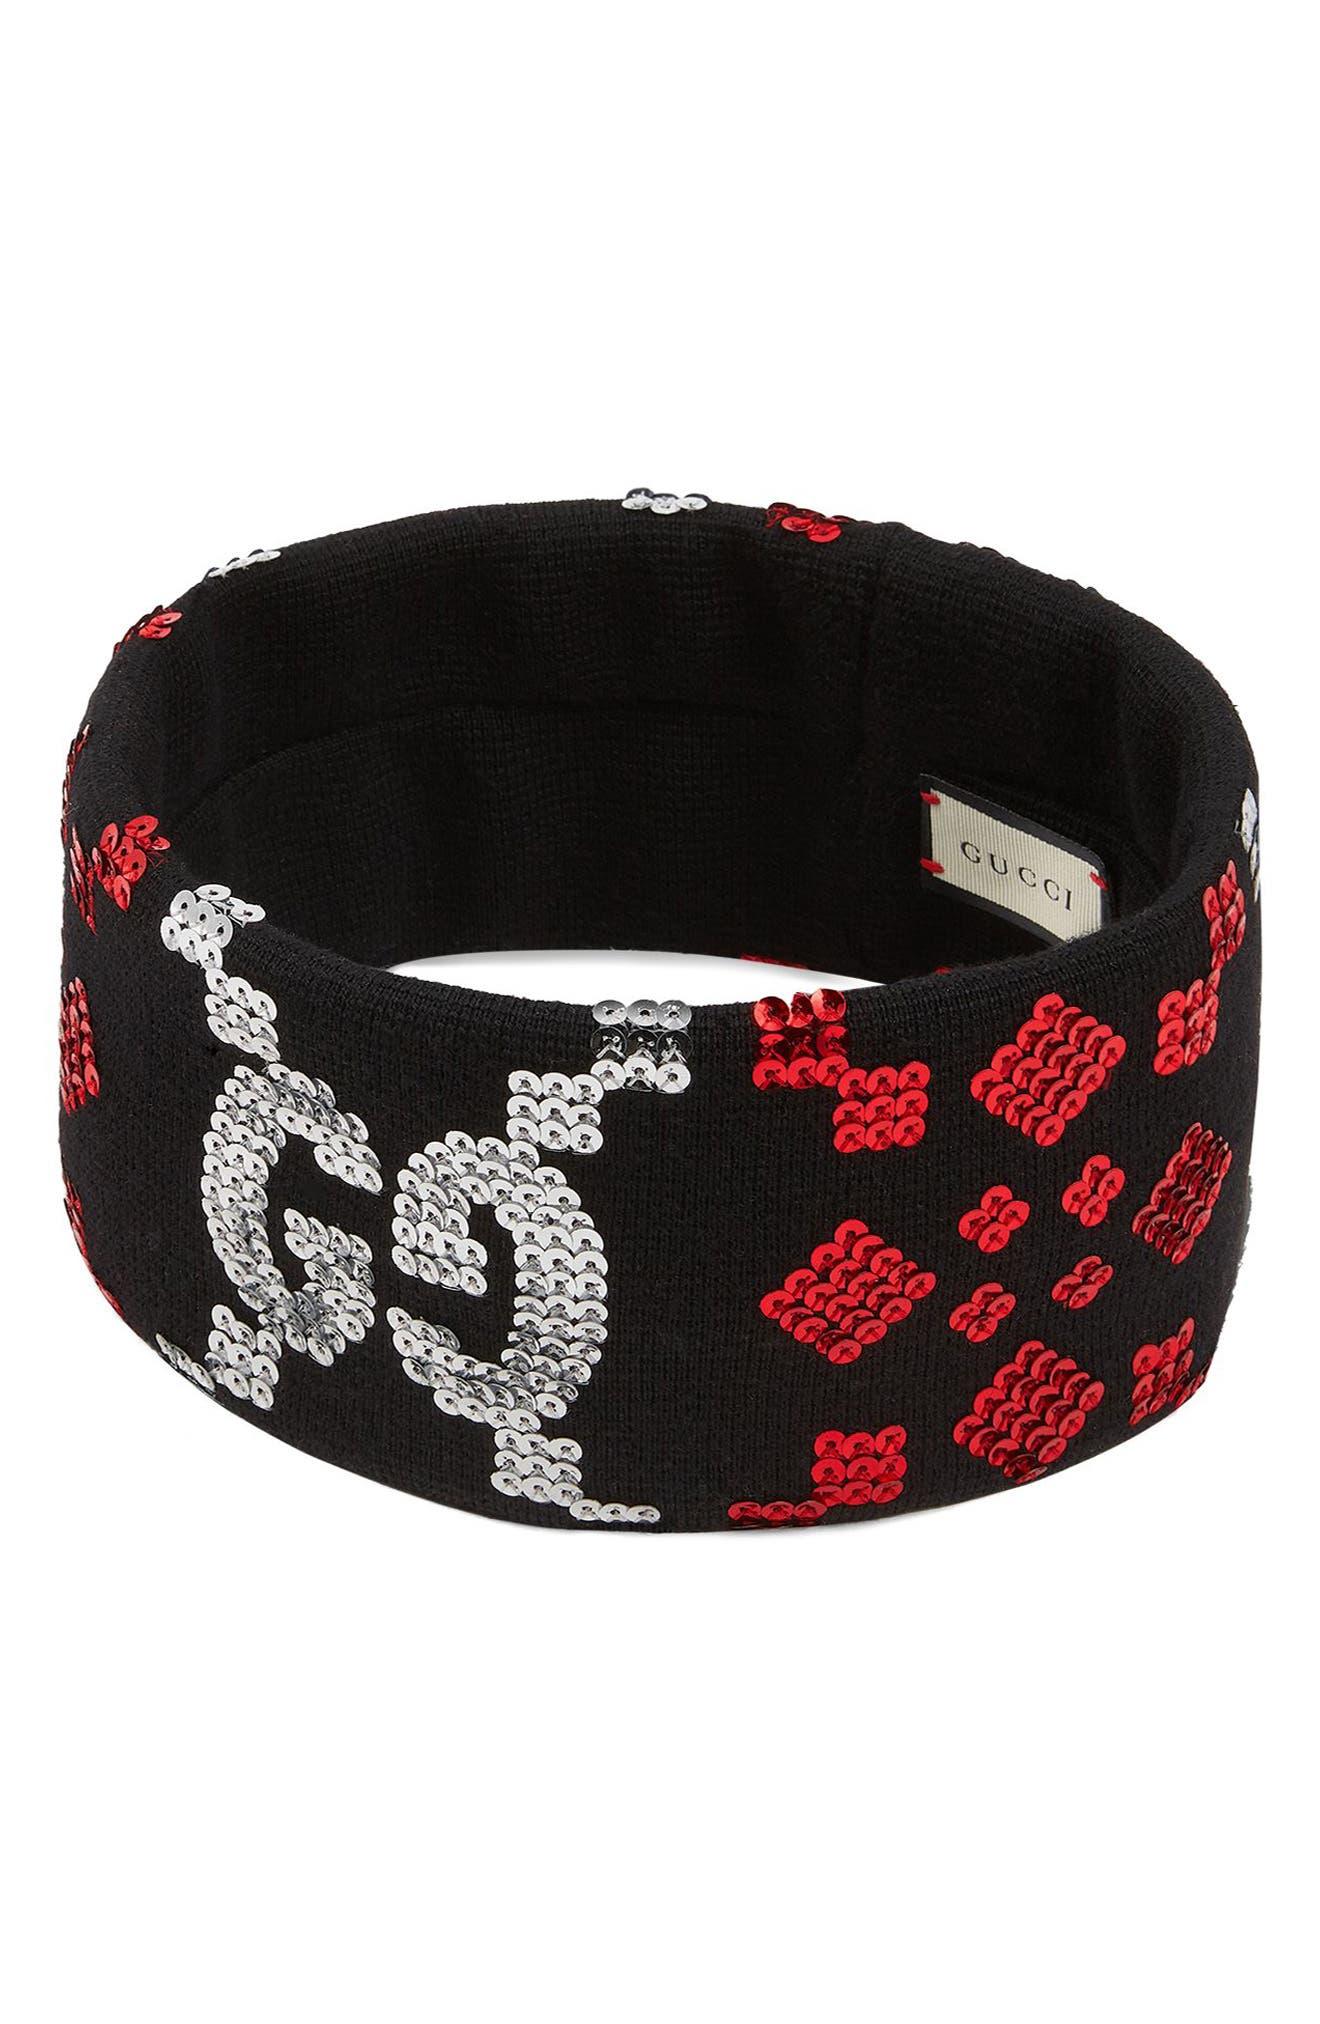 a6a6ccadcc1 Gucci Headbands for Women